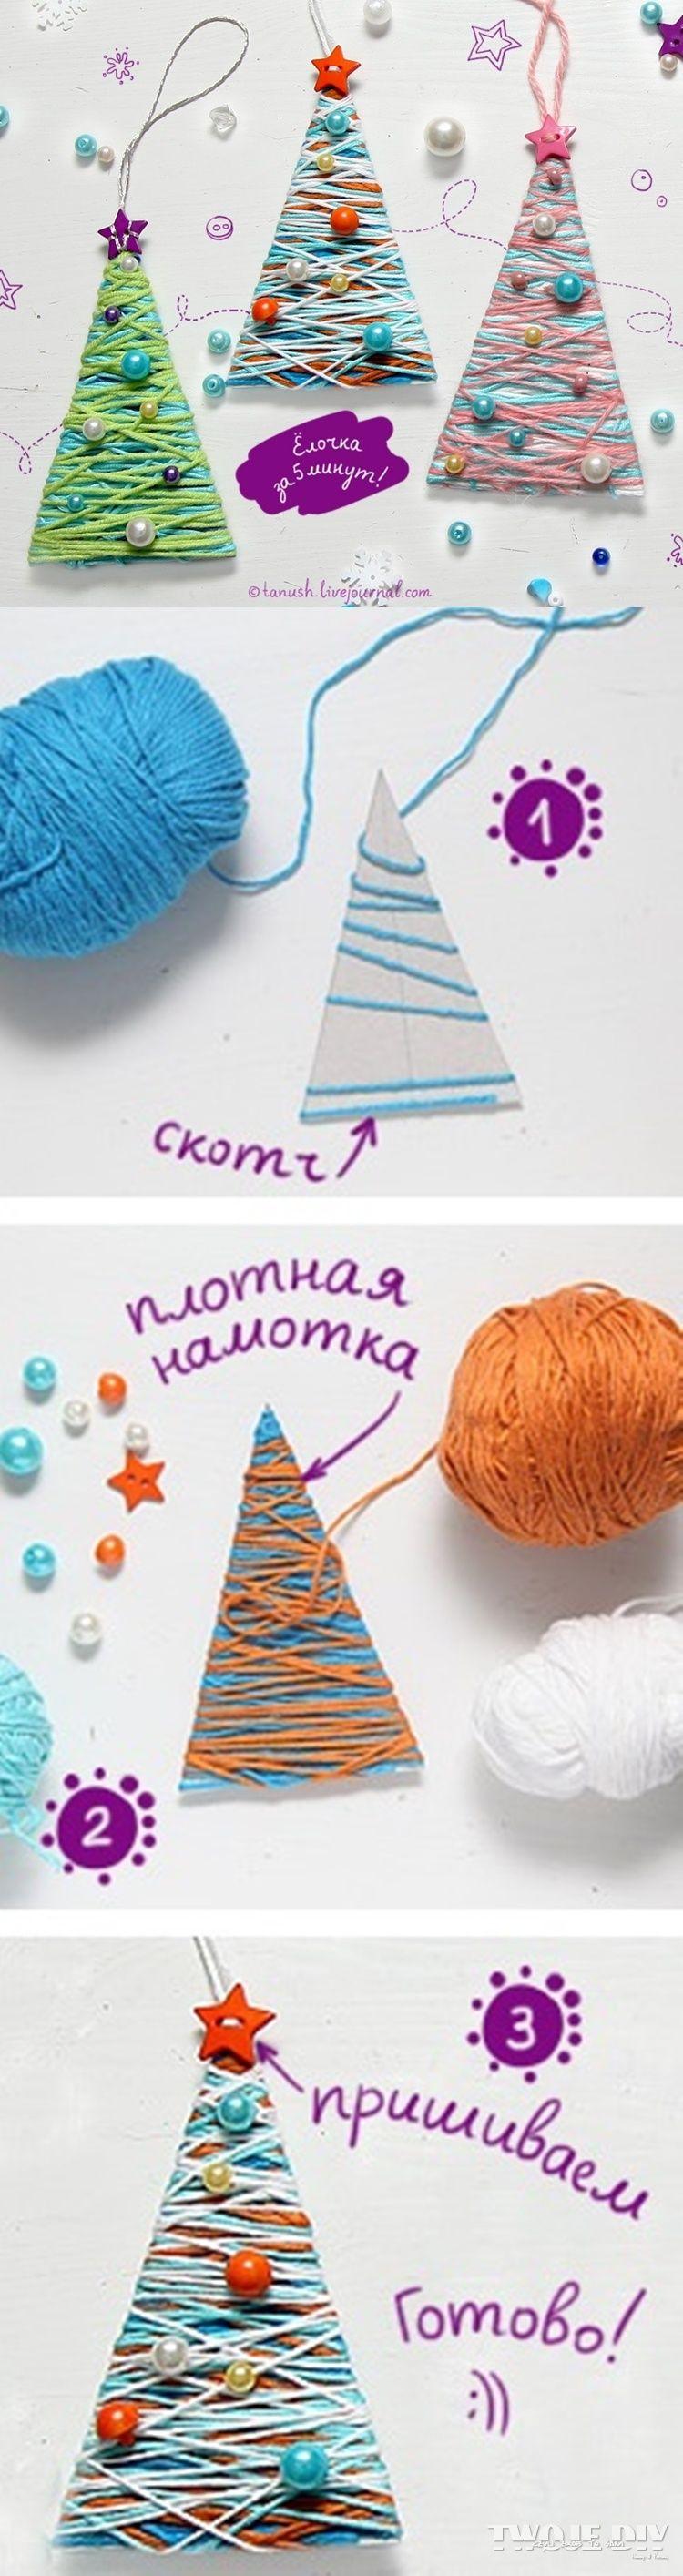 Enfeite de natal rvore linhas coloridas